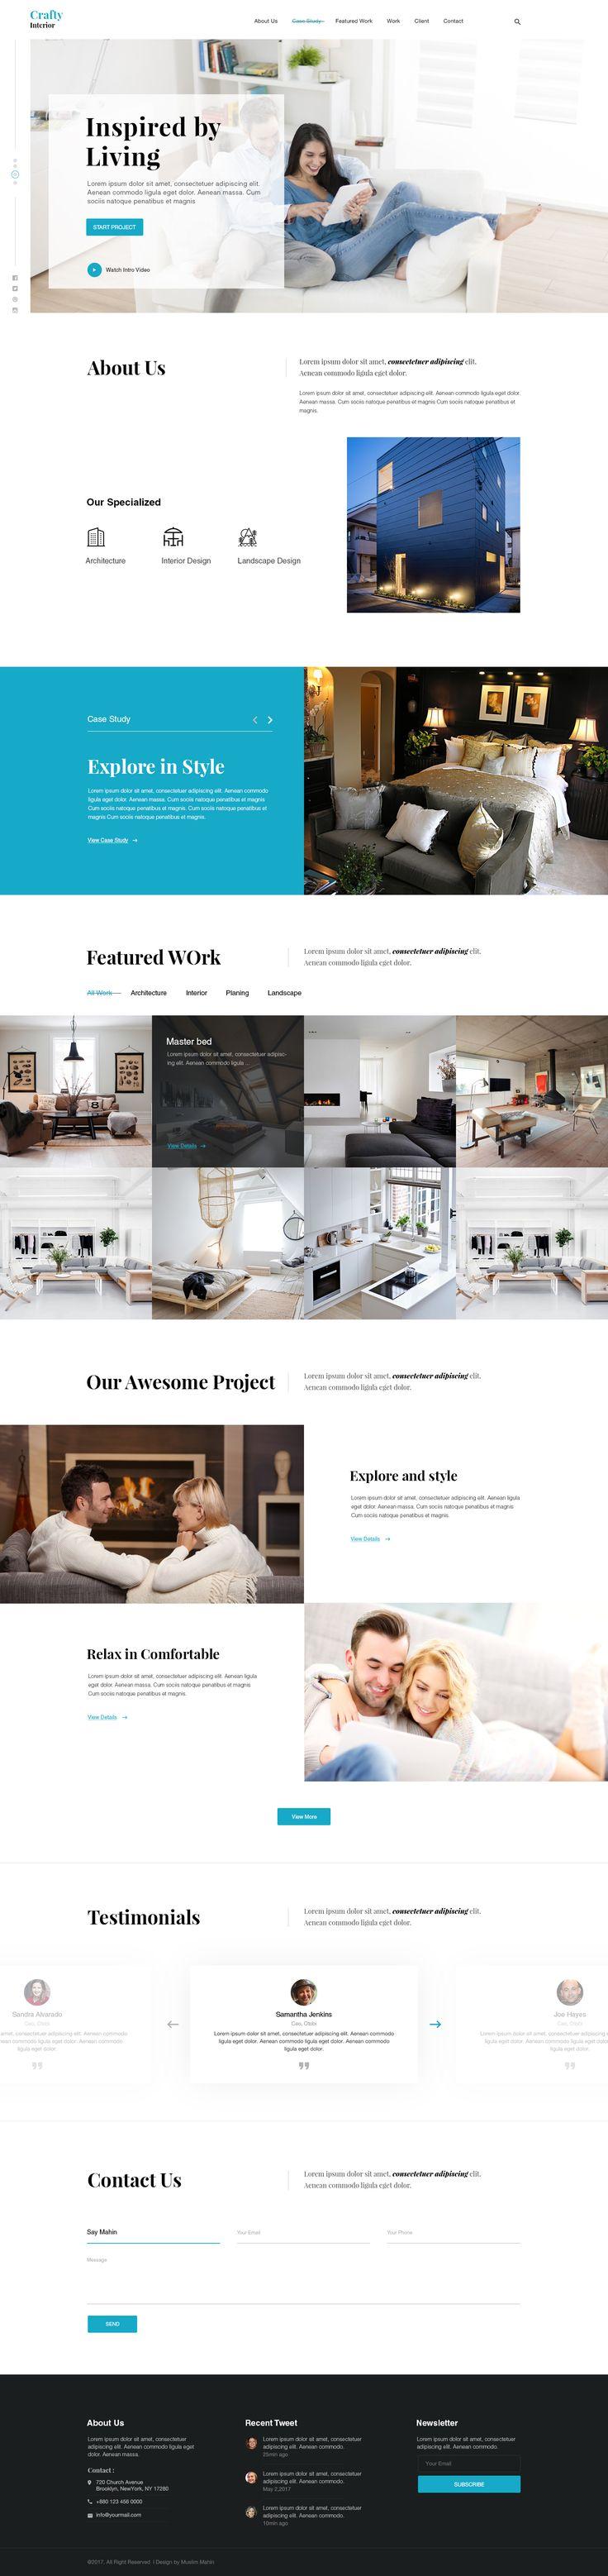 343 best Web Design images on Pinterest   Website designs, Design ...